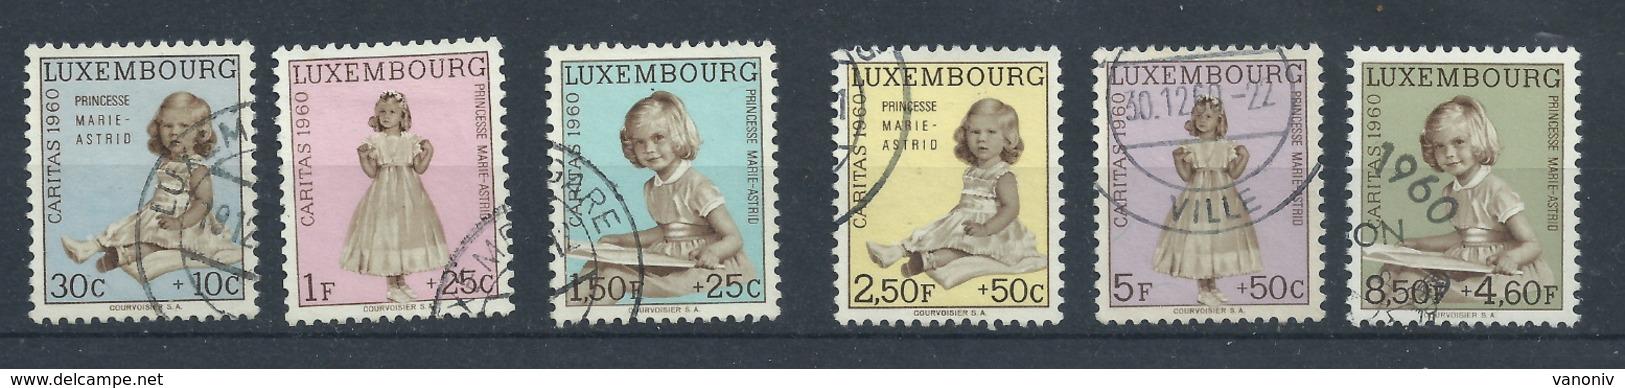 Luxemburg 631/636 Gest. - Luxemburgo